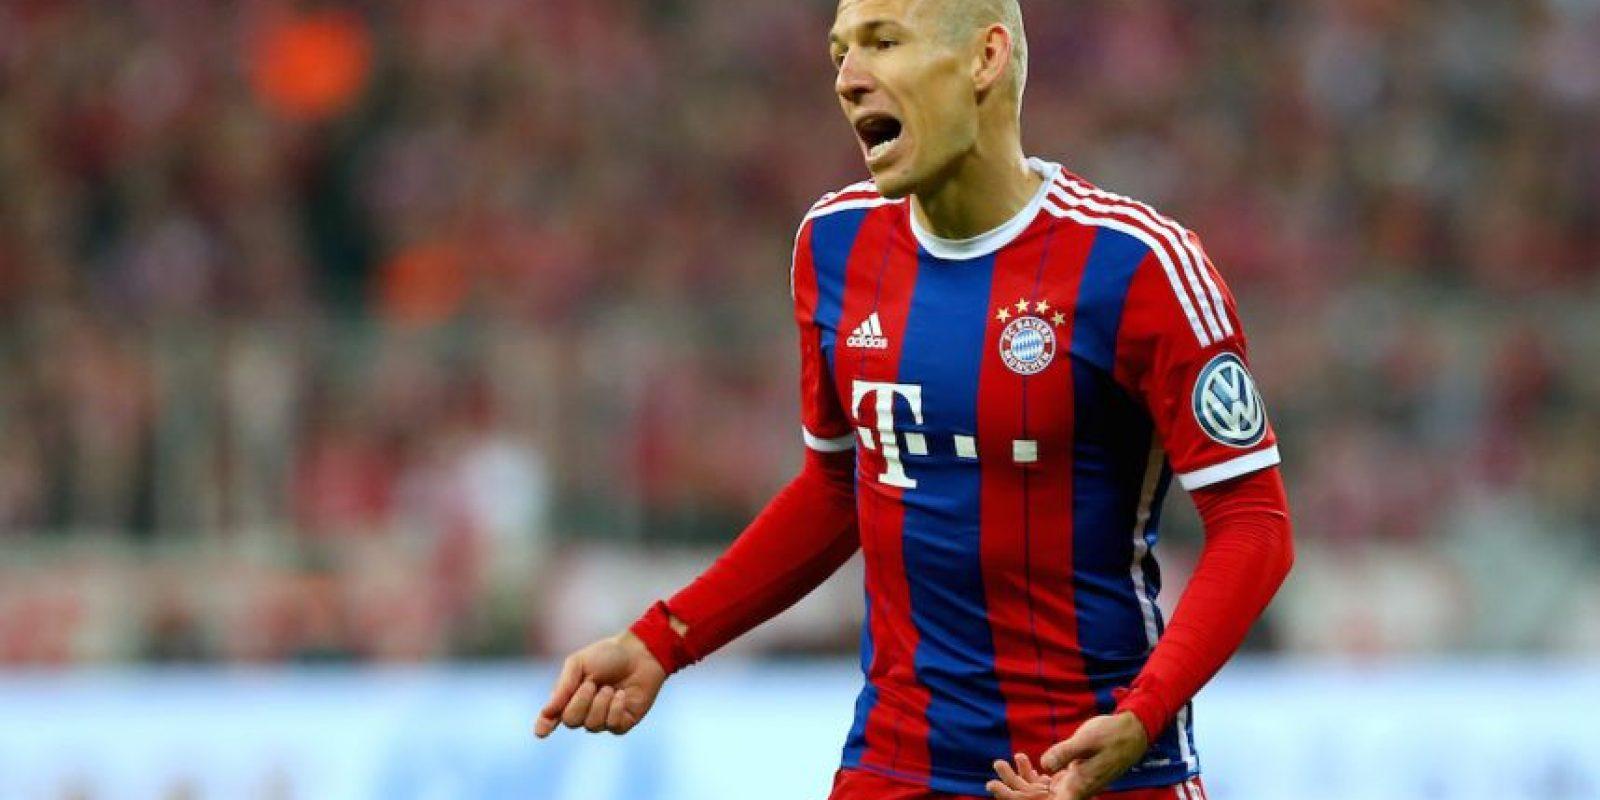 Arjen Robben está fuera de circulación en estos momentos. Foto:Getty Images